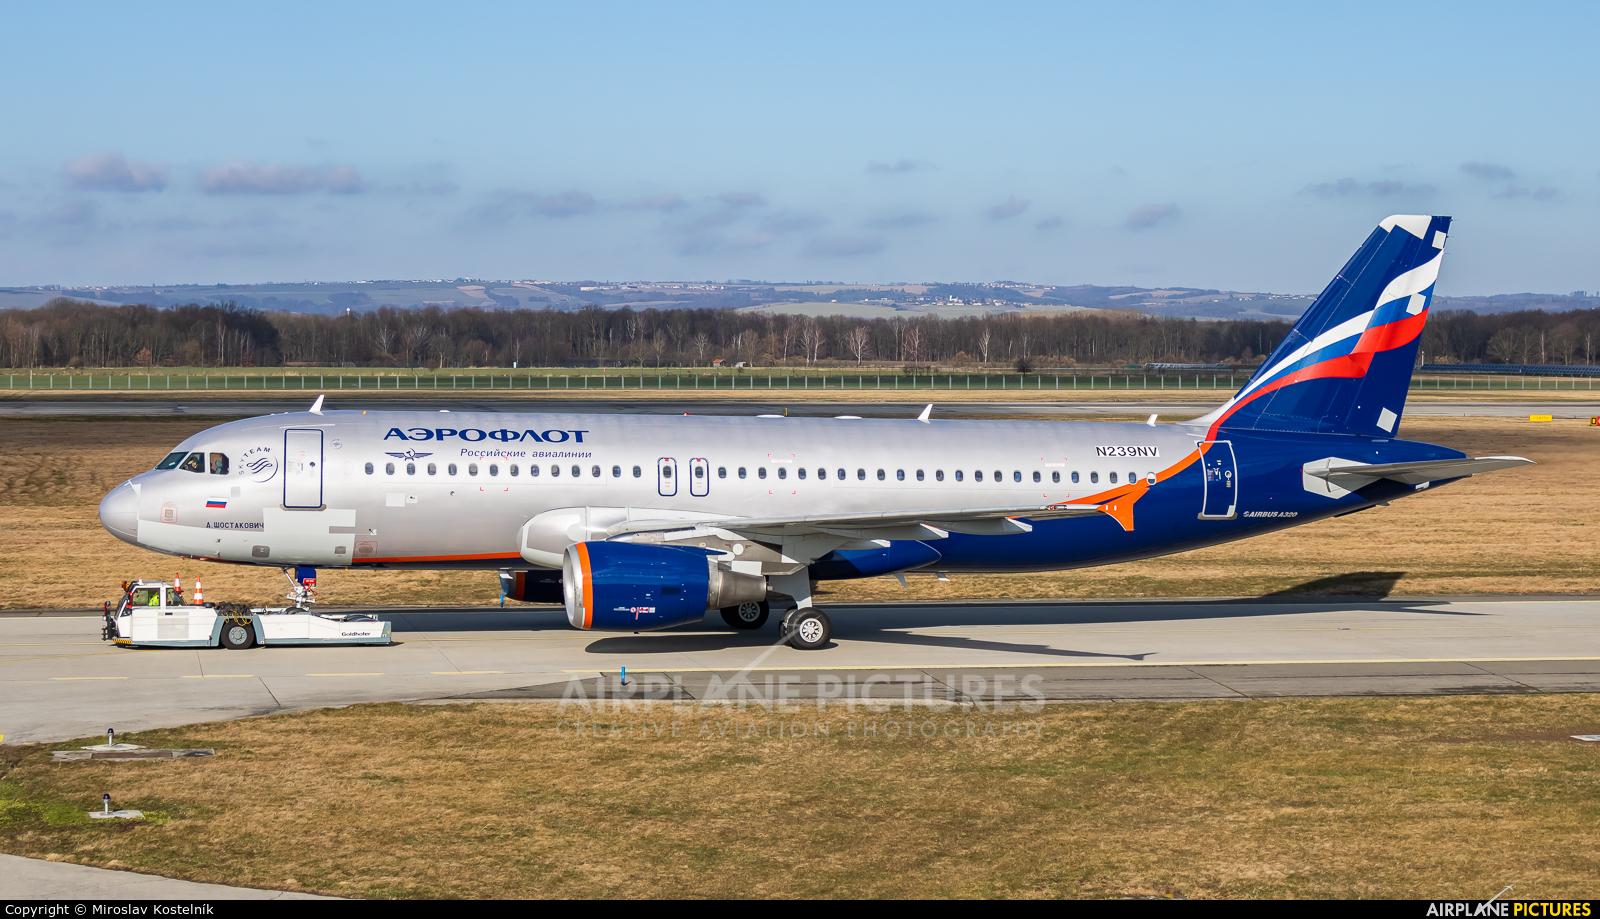 Allegiant Air N239NV aircraft at Ostrava Mošnov